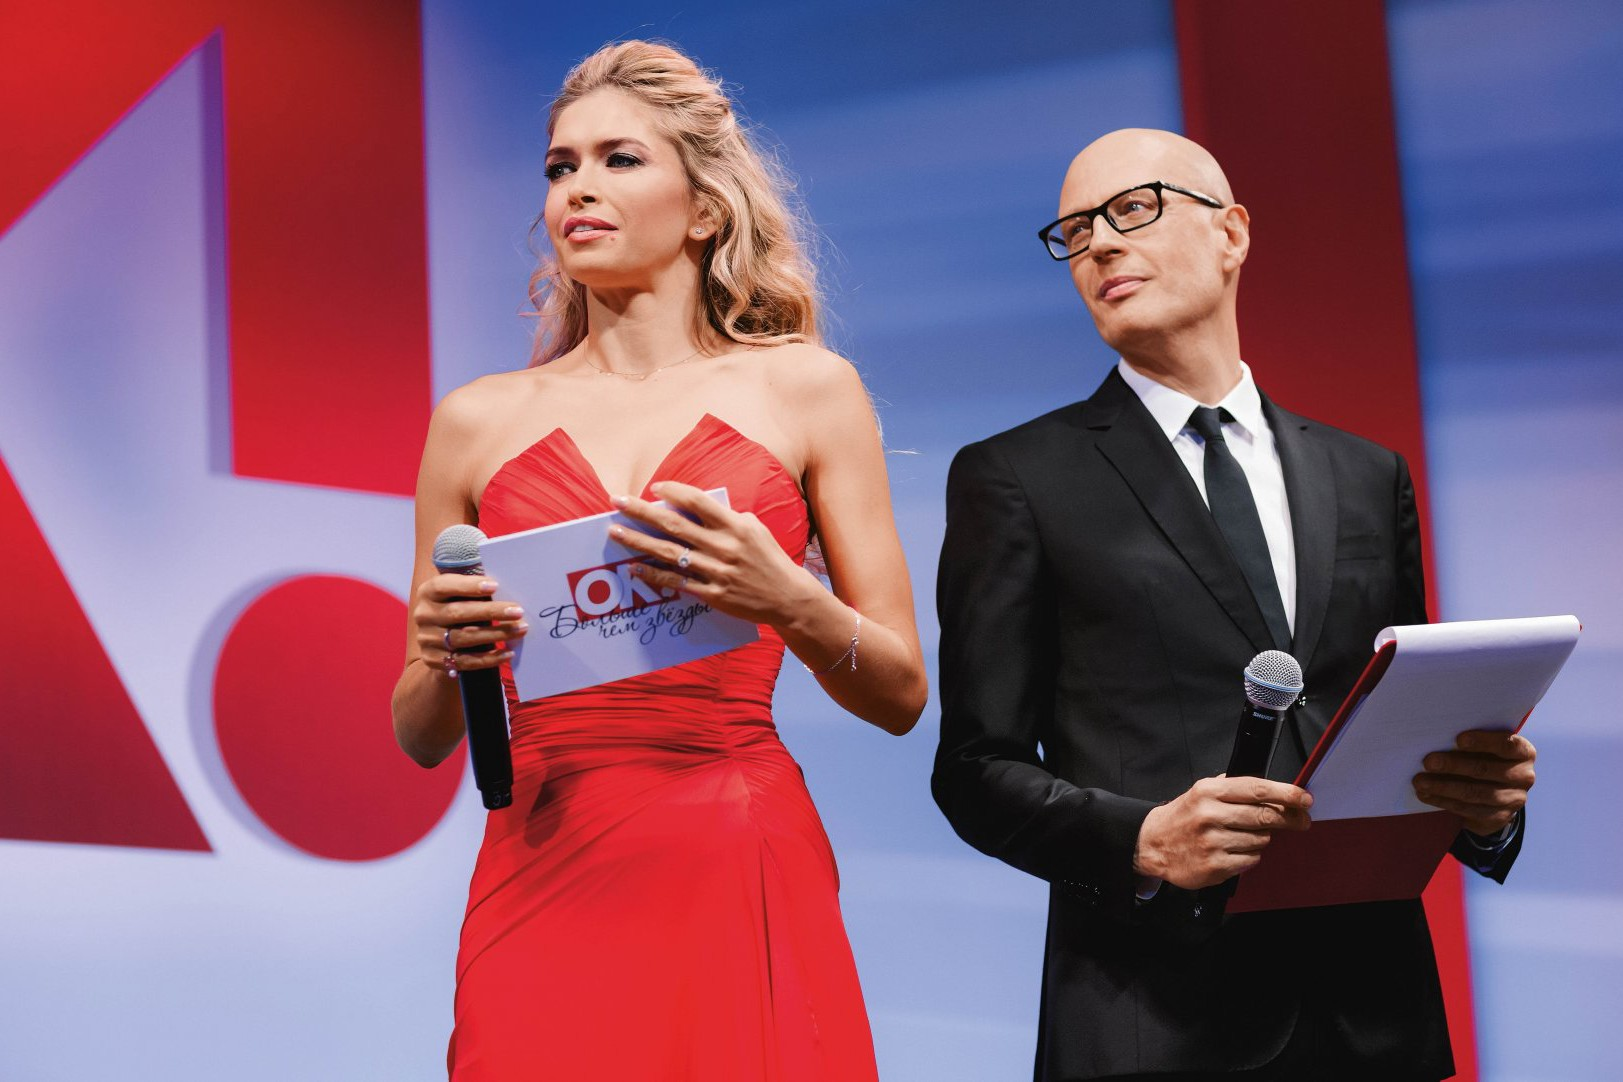 Премия журнала Ok!: Акиньшина, Гагарина, Седокова и другие звезды посоревновались не только в номинациях, но и в оригинальности нарядов